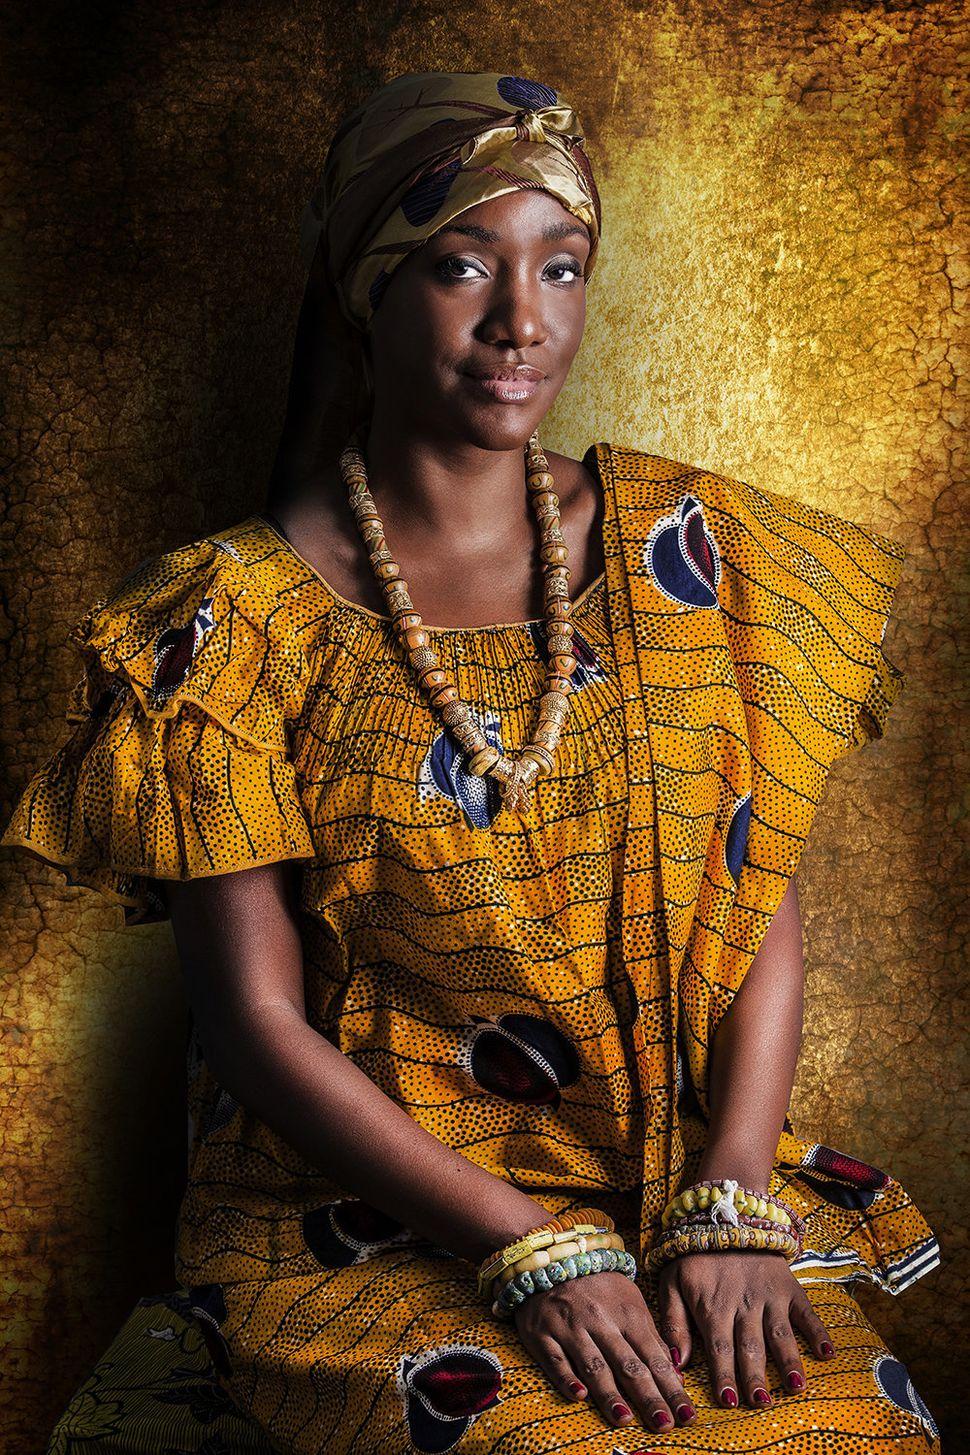 Naema Assassi est un promoteur immobilier.  Sa famille est originaire du centre de la Côte d'Ivoire (Akan).  Naema a grandi dans